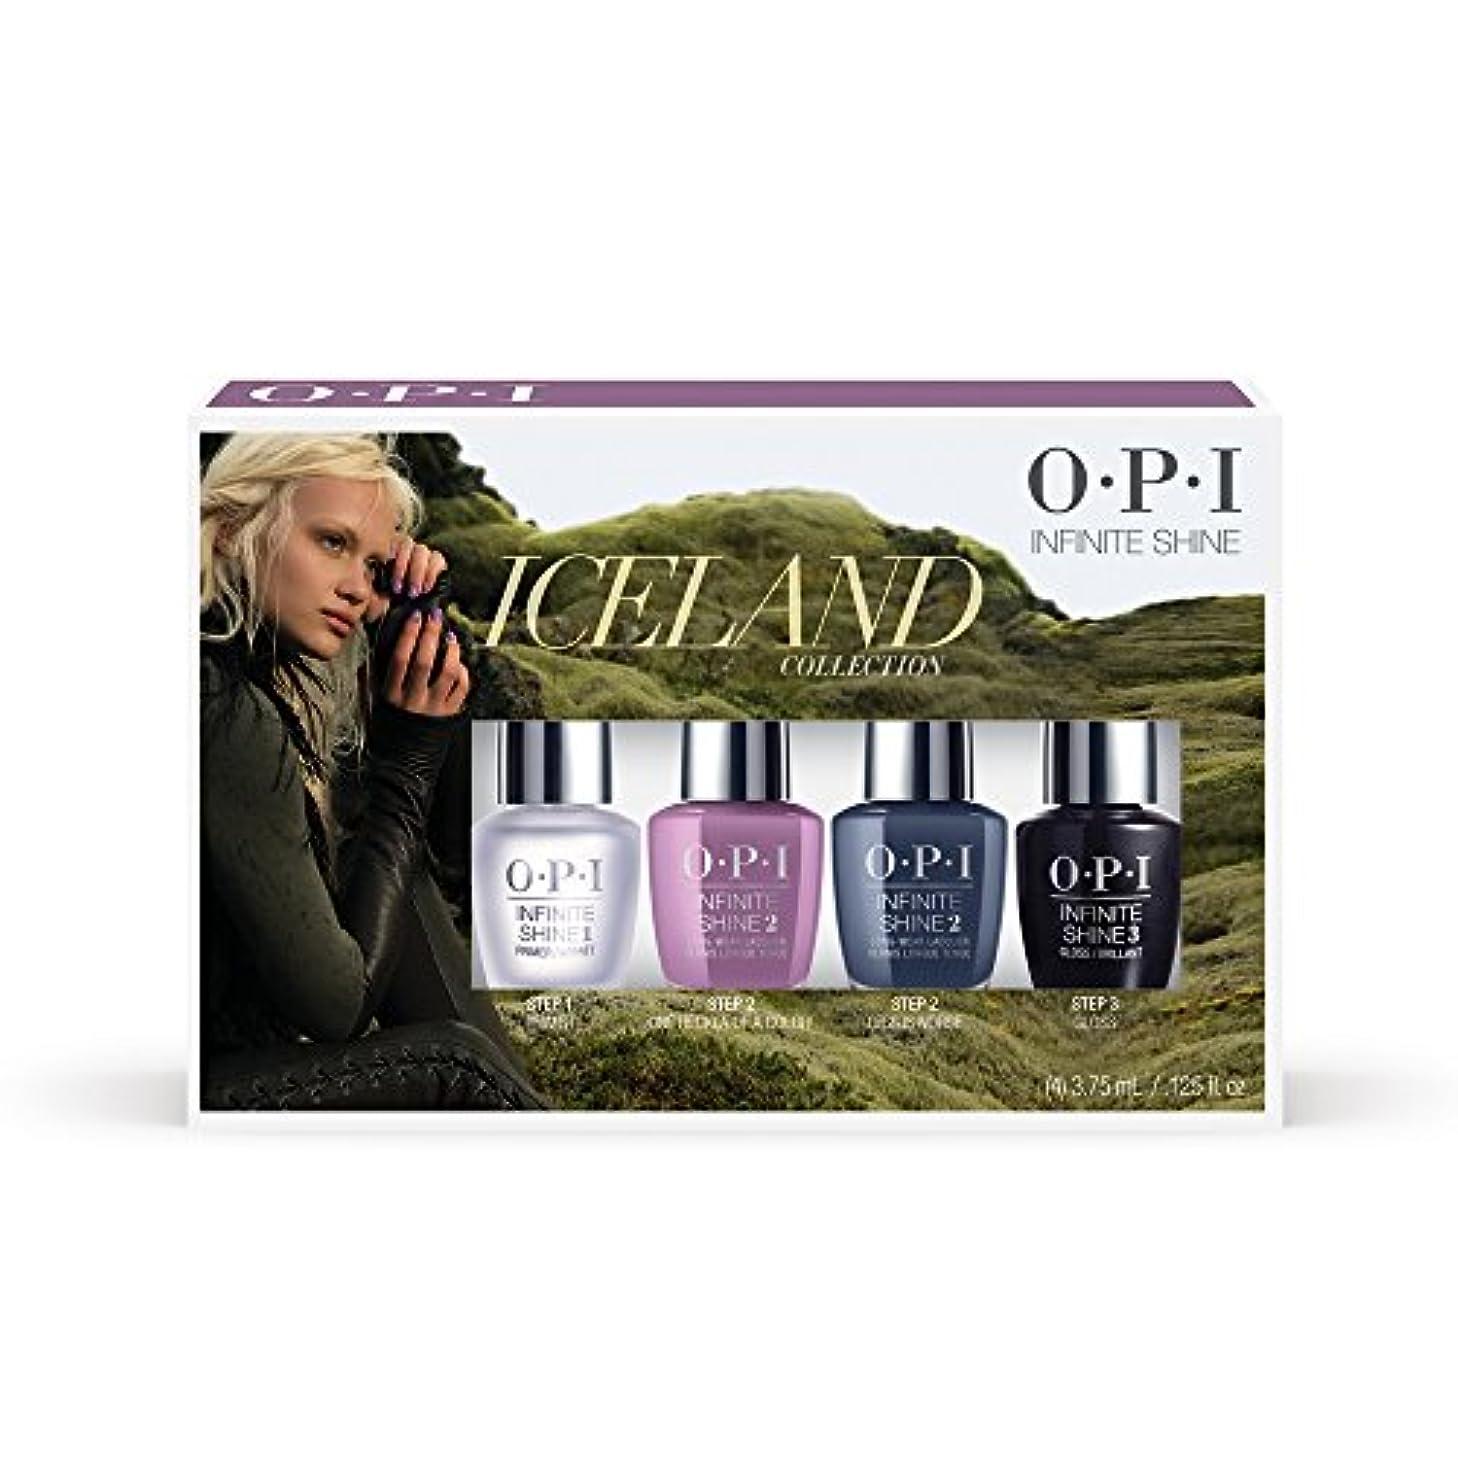 兄おじいちゃん魅力的であることへのアピールOPI(オーピーアイ) アイスランド コレクション インフィニット シャイン ミニパック